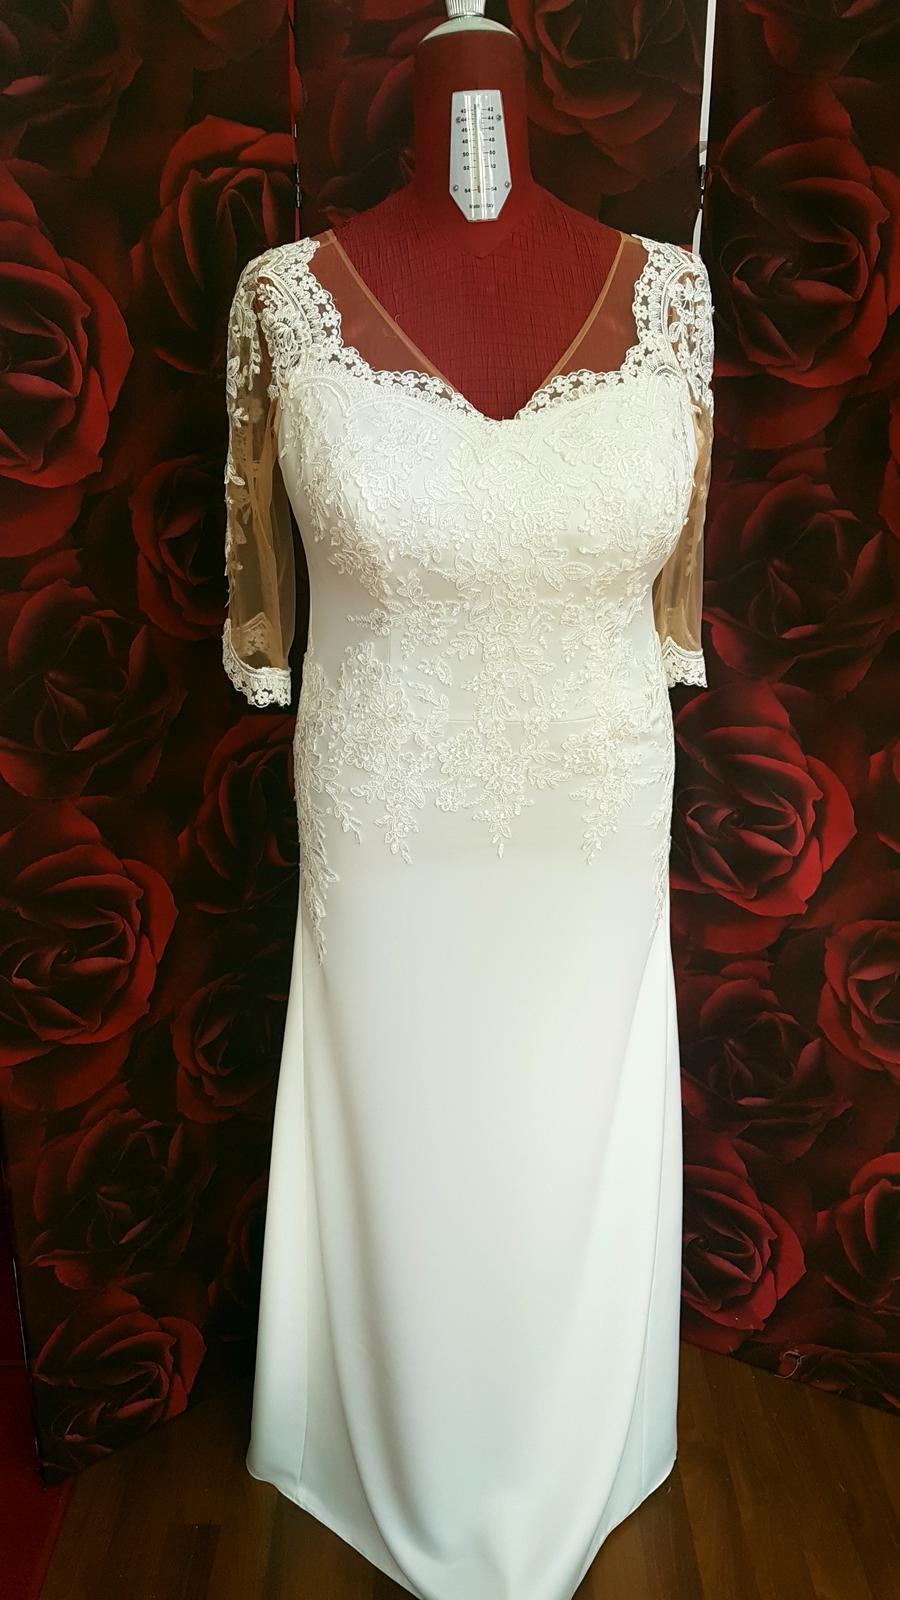 Svadobné šaty na mieru za ceny ktoré potešia - Obrázok č. 1